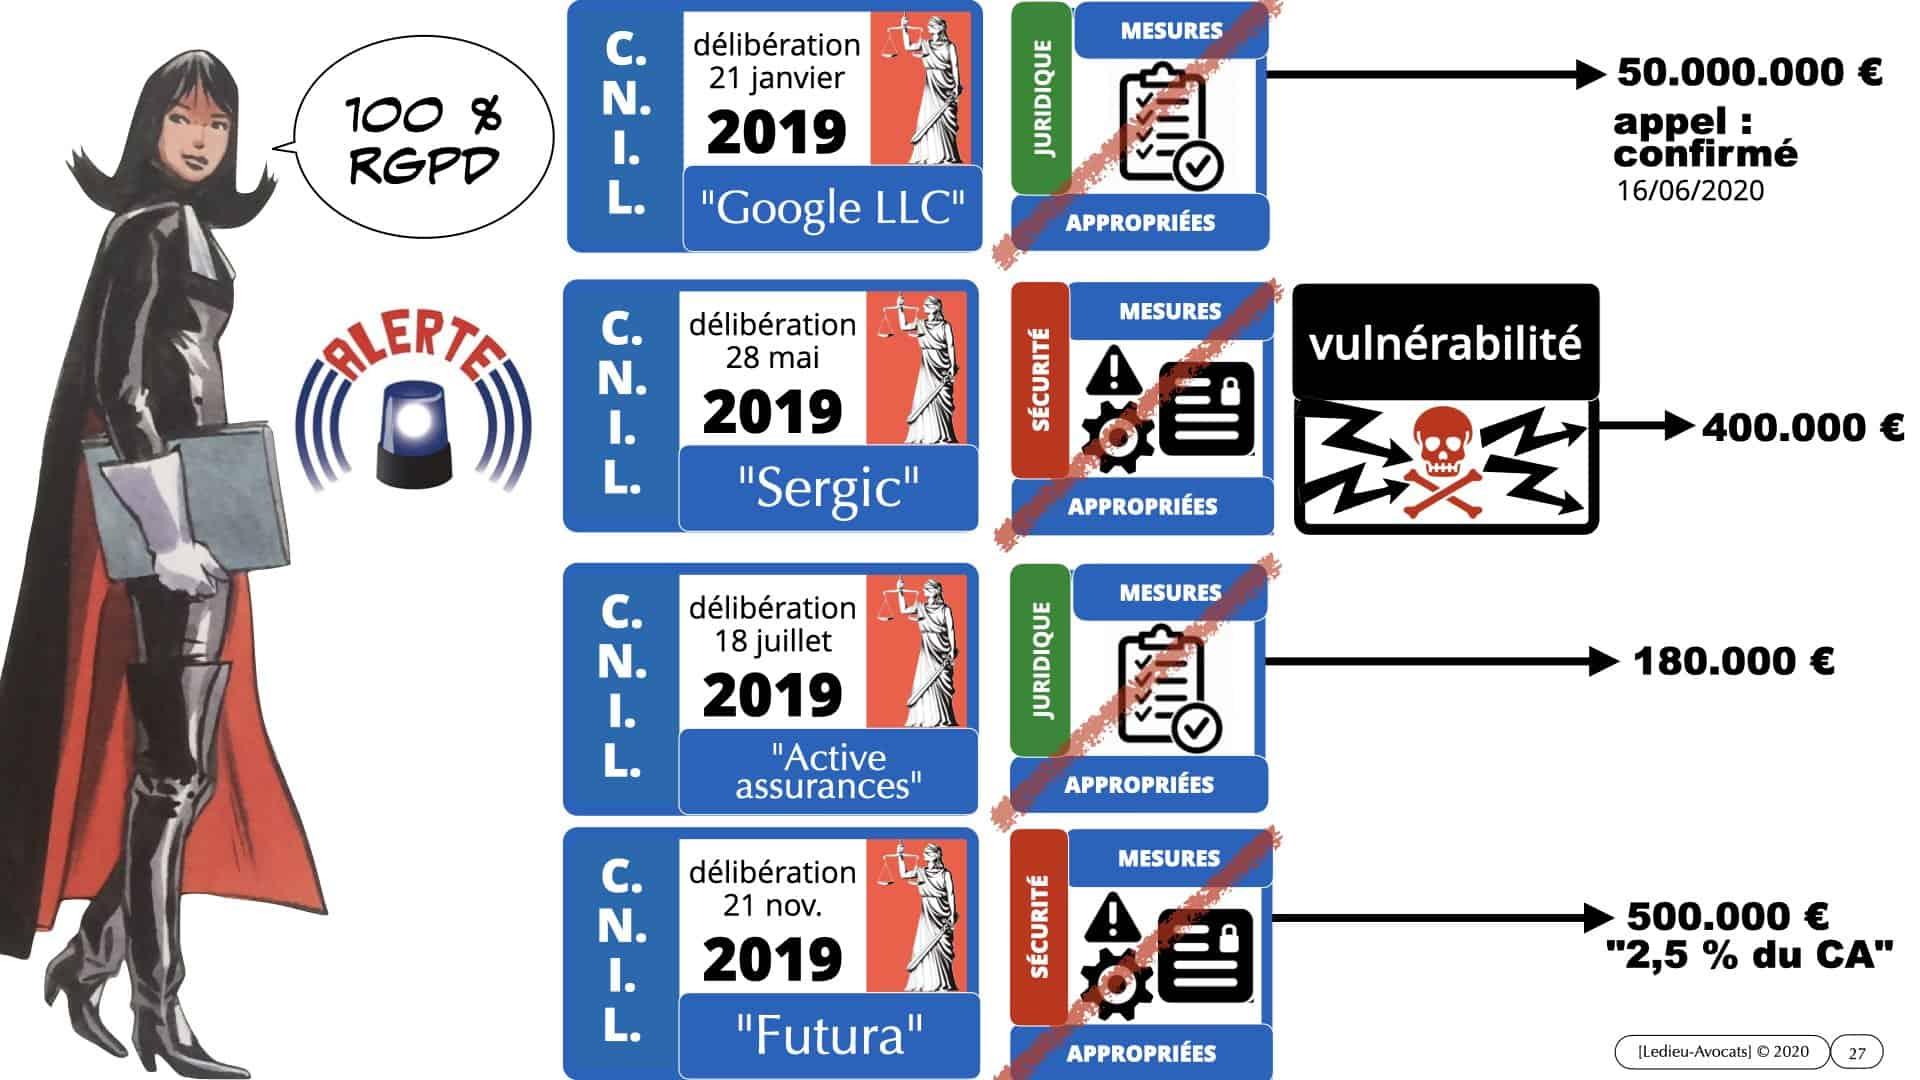 RGPD e-Privacy données personnelles jurisprudence formation Lamy Les Echos 10-02-2021 ©Ledieu-Avocats.019